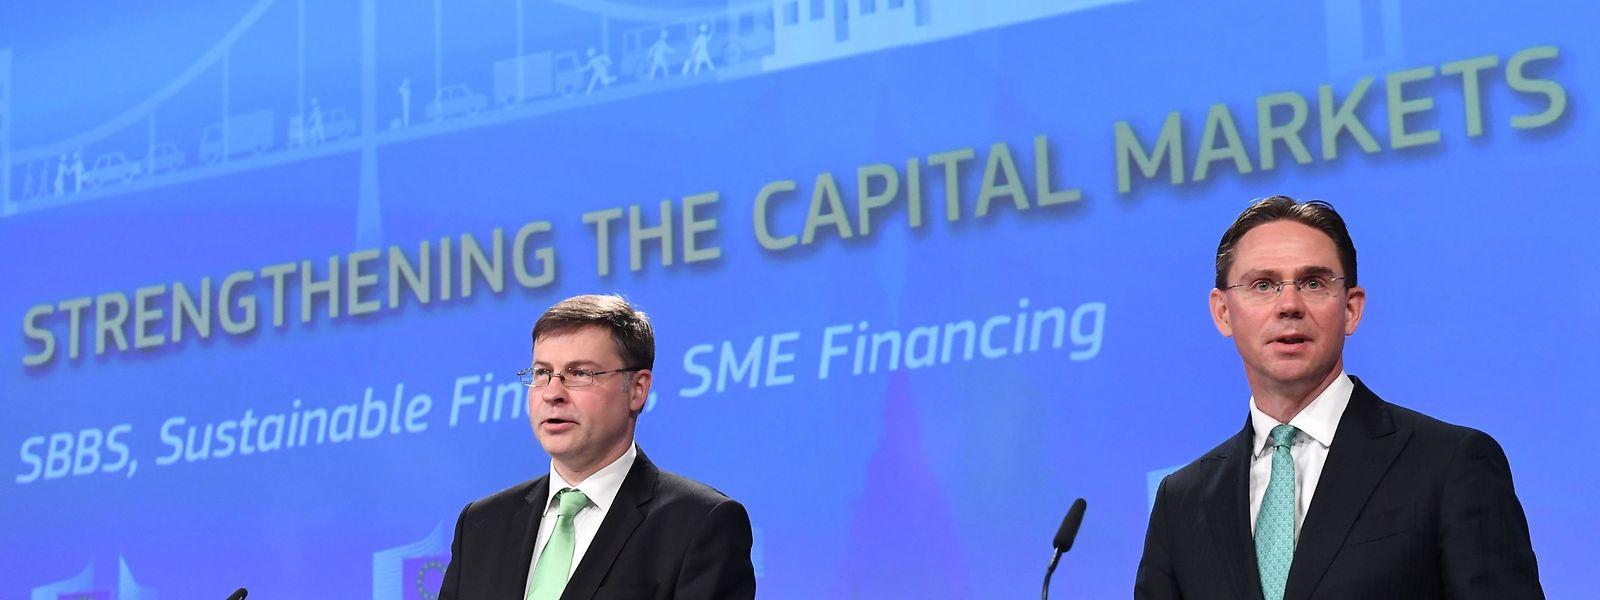 Klare Aussage: die EU-Kommissare Valdis Dombrovskis (l.) und Jyrki Katainen.